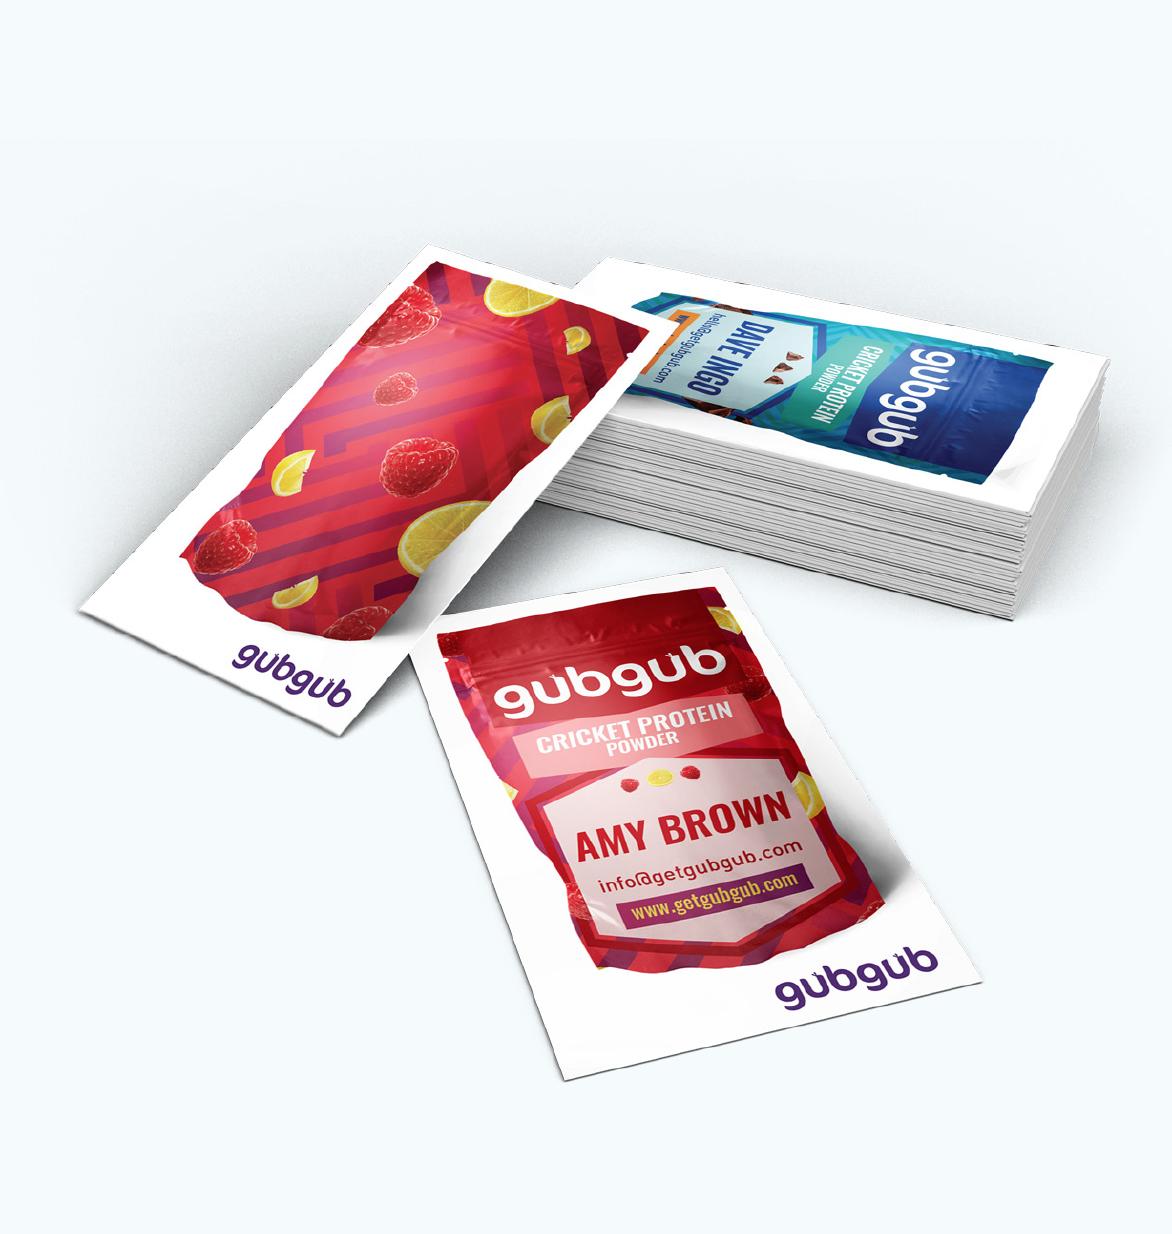 gubgub Cricket Protein Business Cards